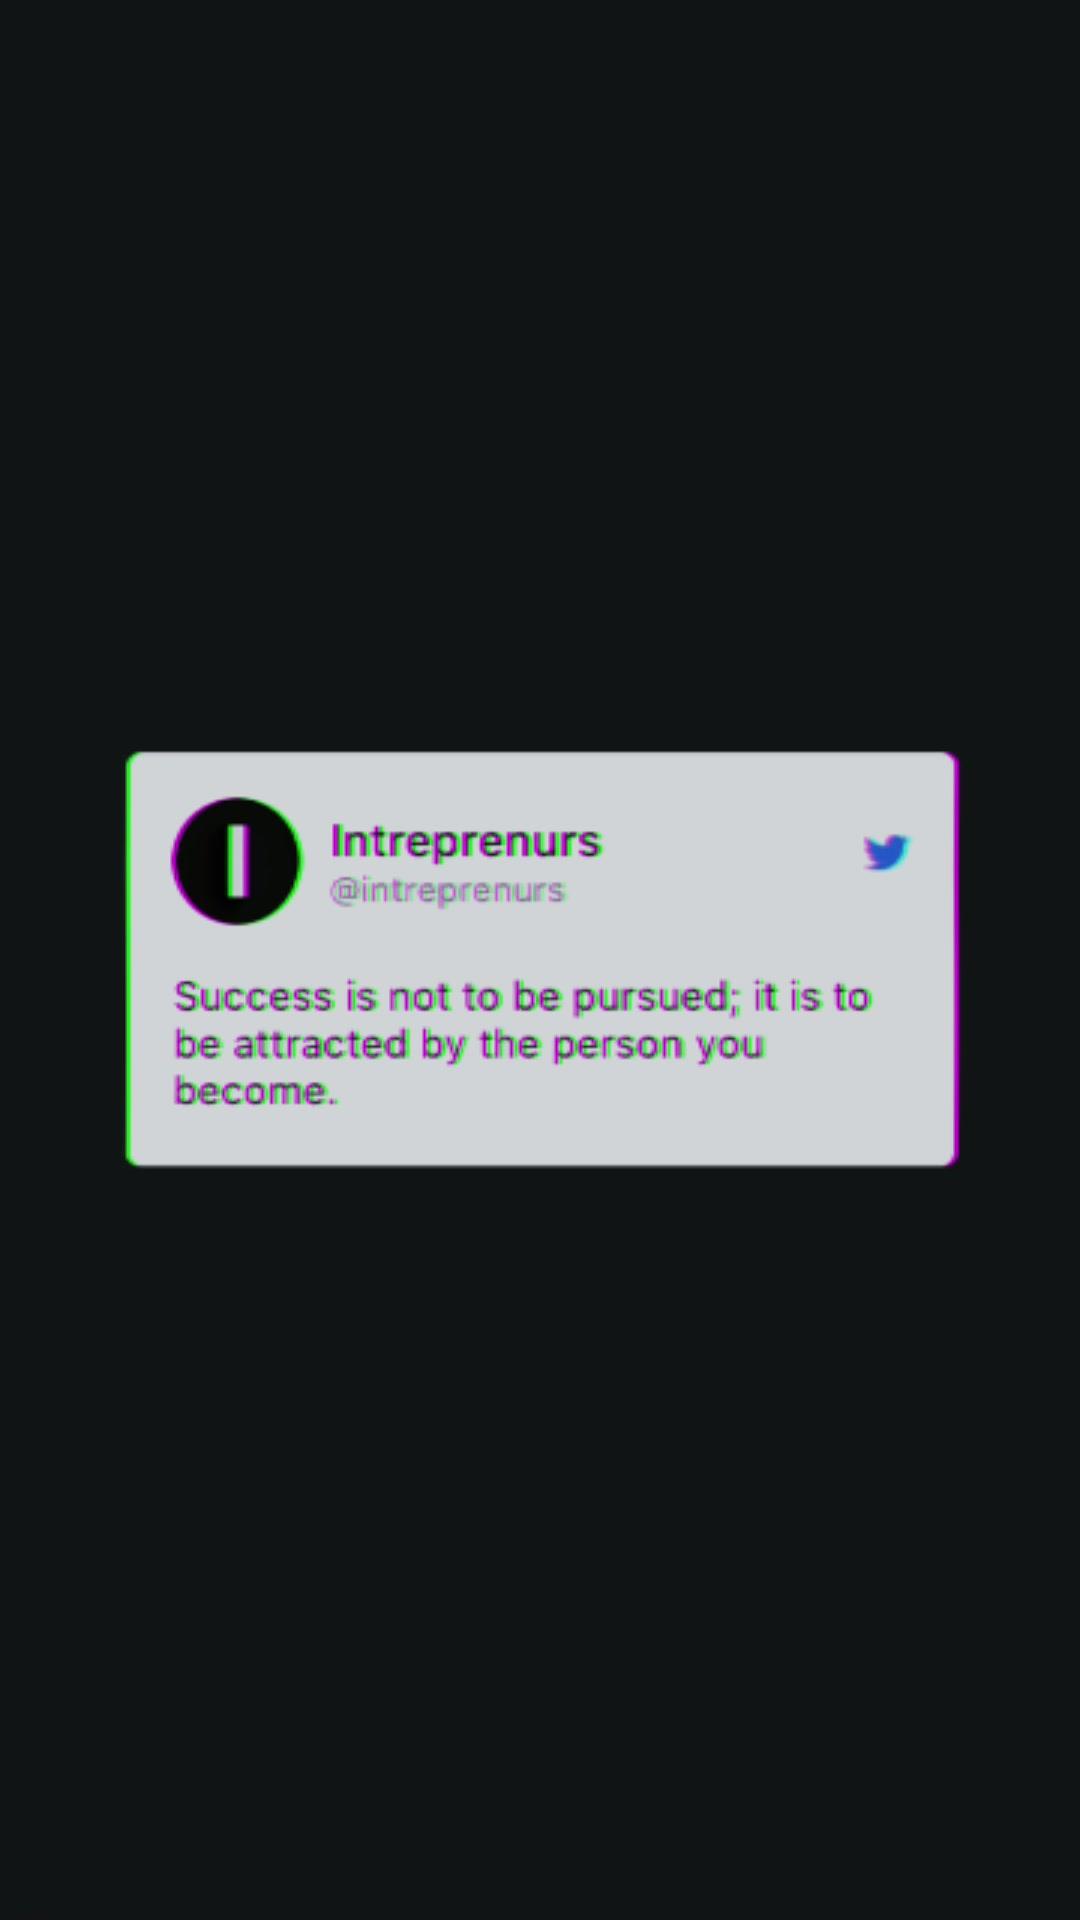 @intreprenurs TikTok Analytics